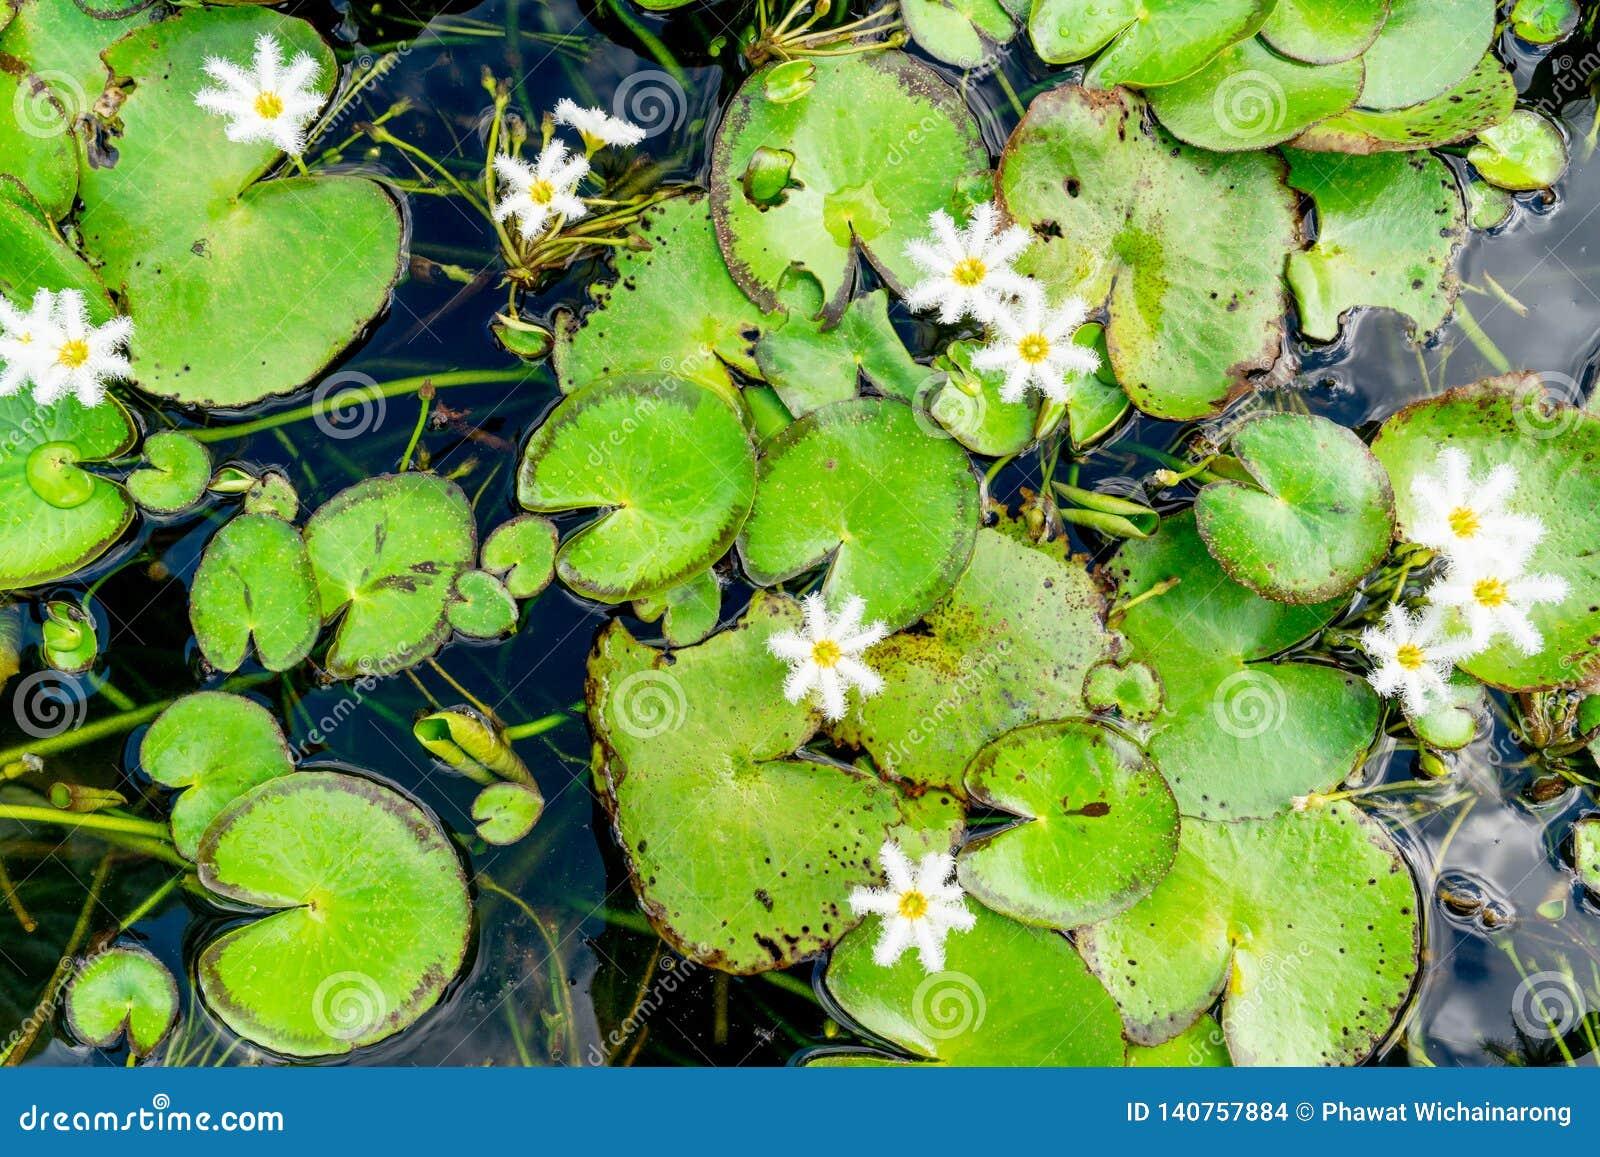 Folhas verdes dos lótus e flores brancas minúsculas em uma lagoa